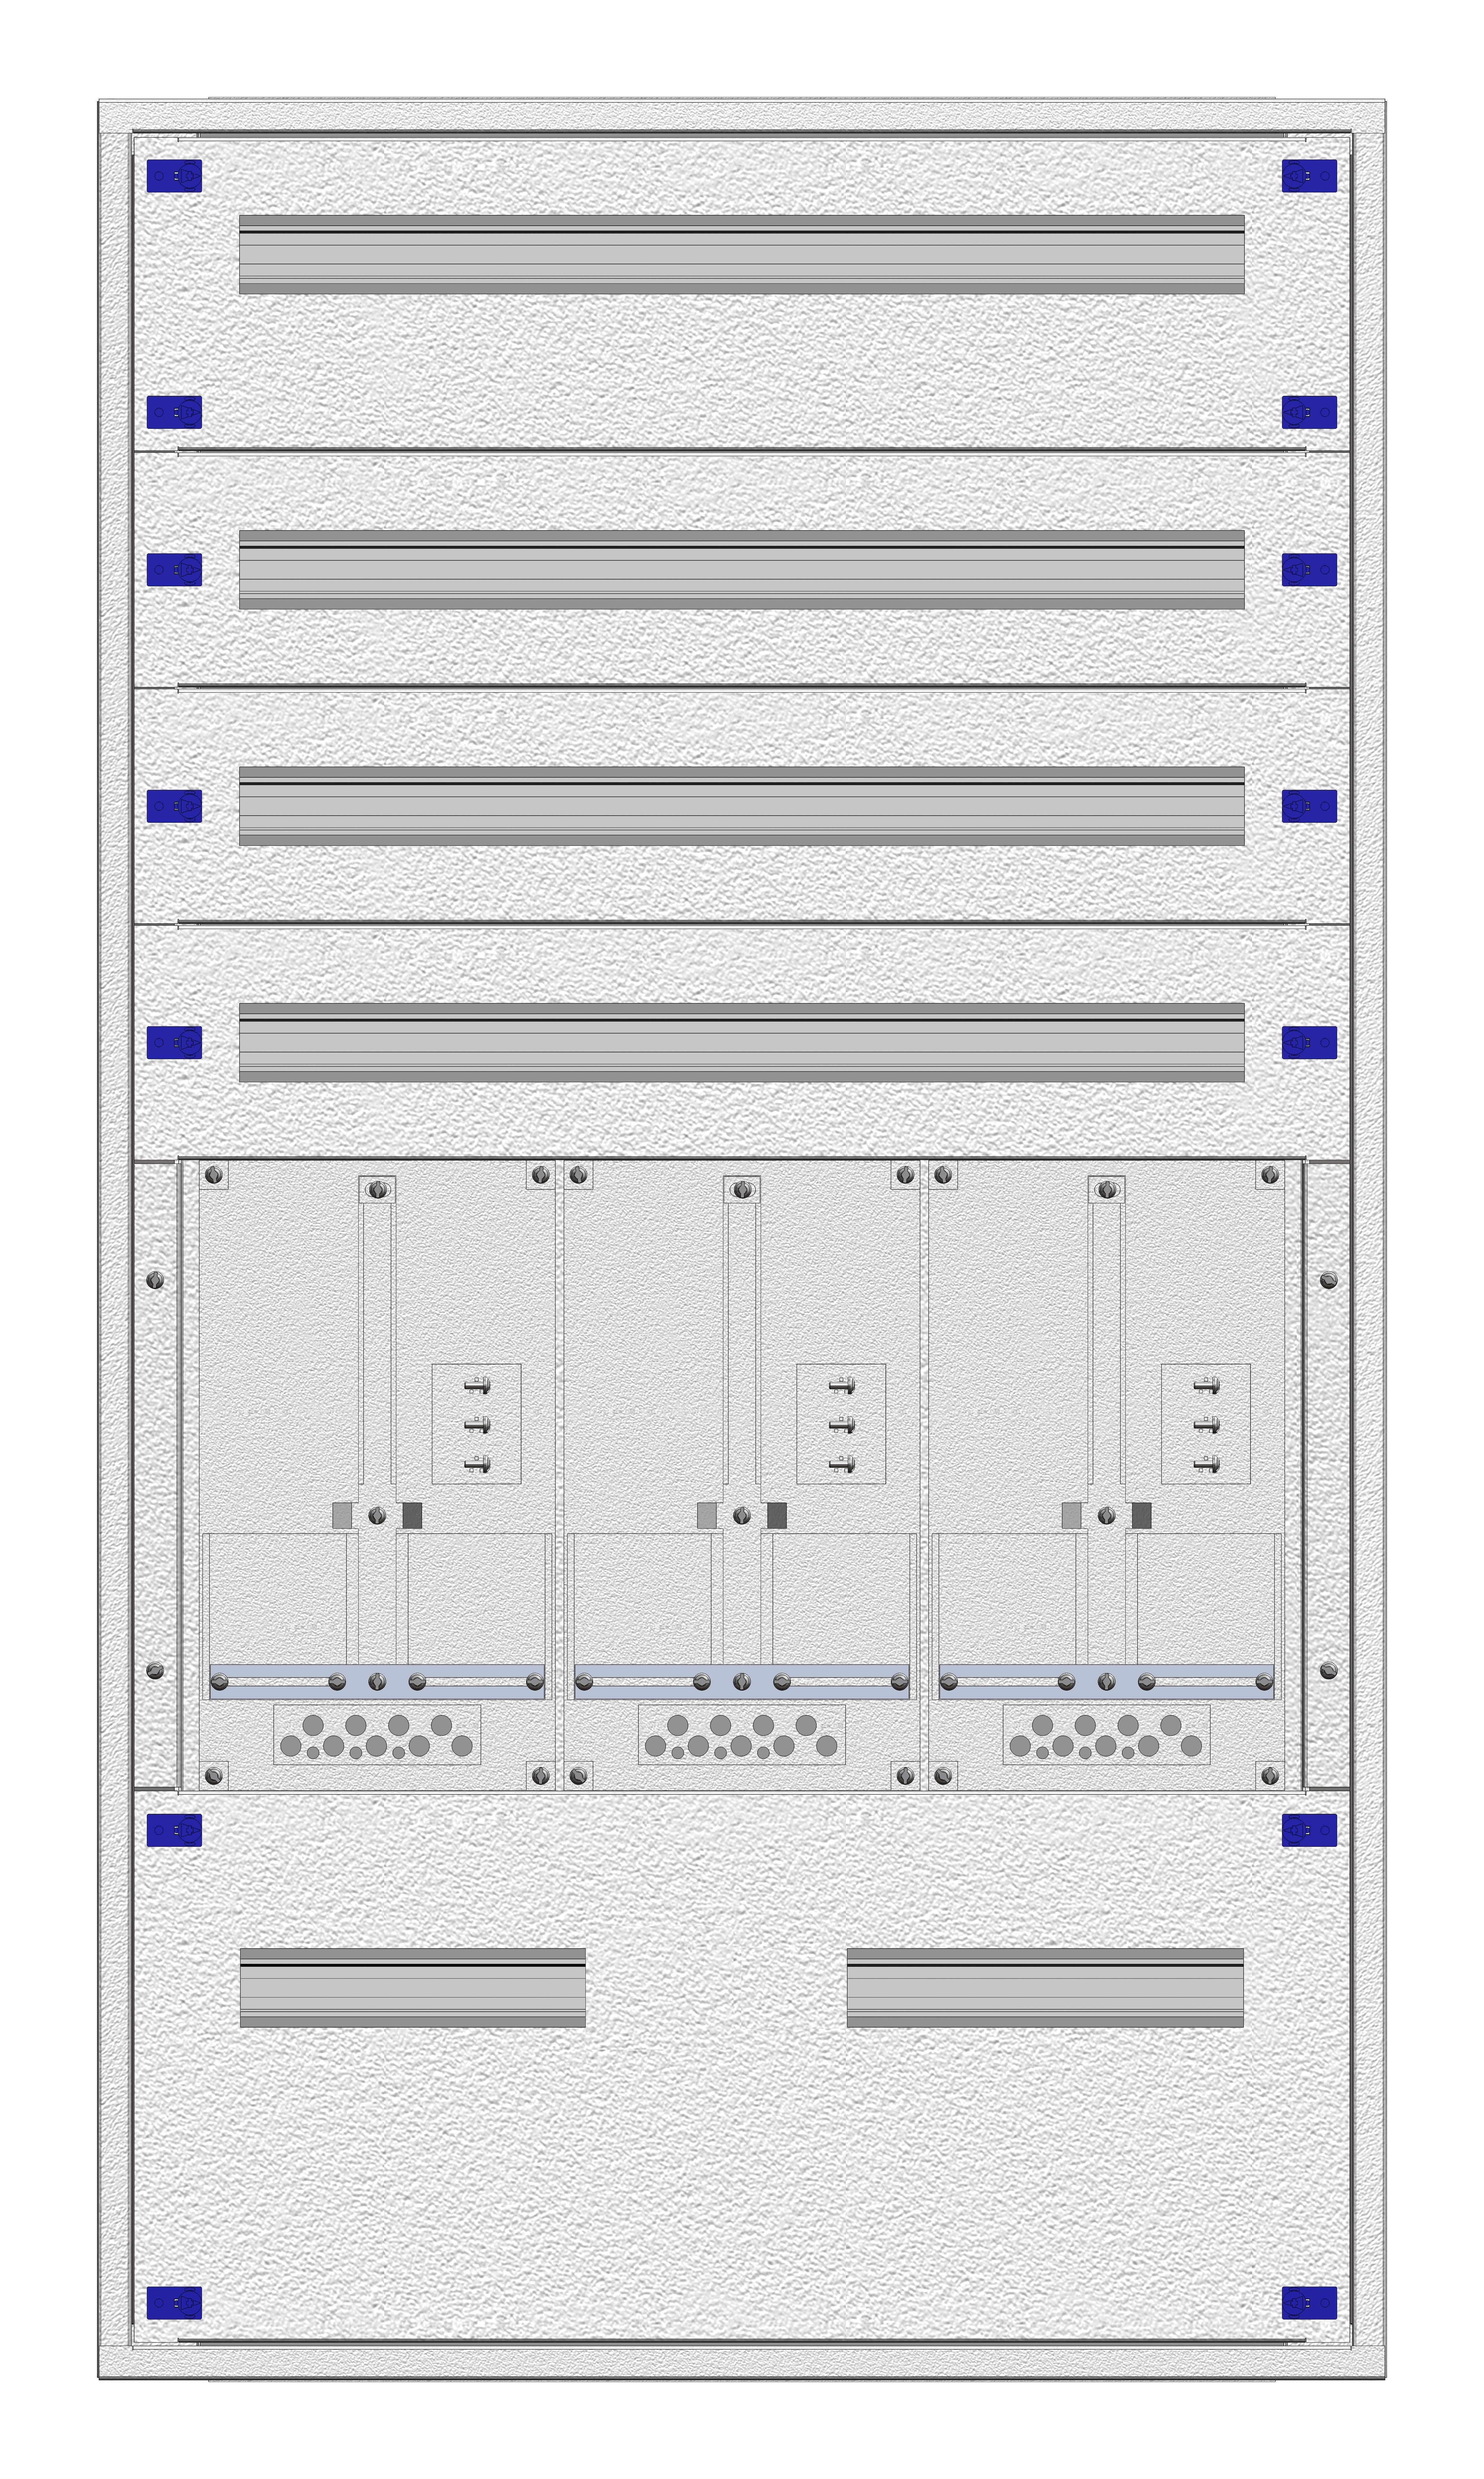 1 Stk Eco-UP-Verteiler 3U28 + Mauerwanne OÖ/SBG– RAL9016 IL864328-3